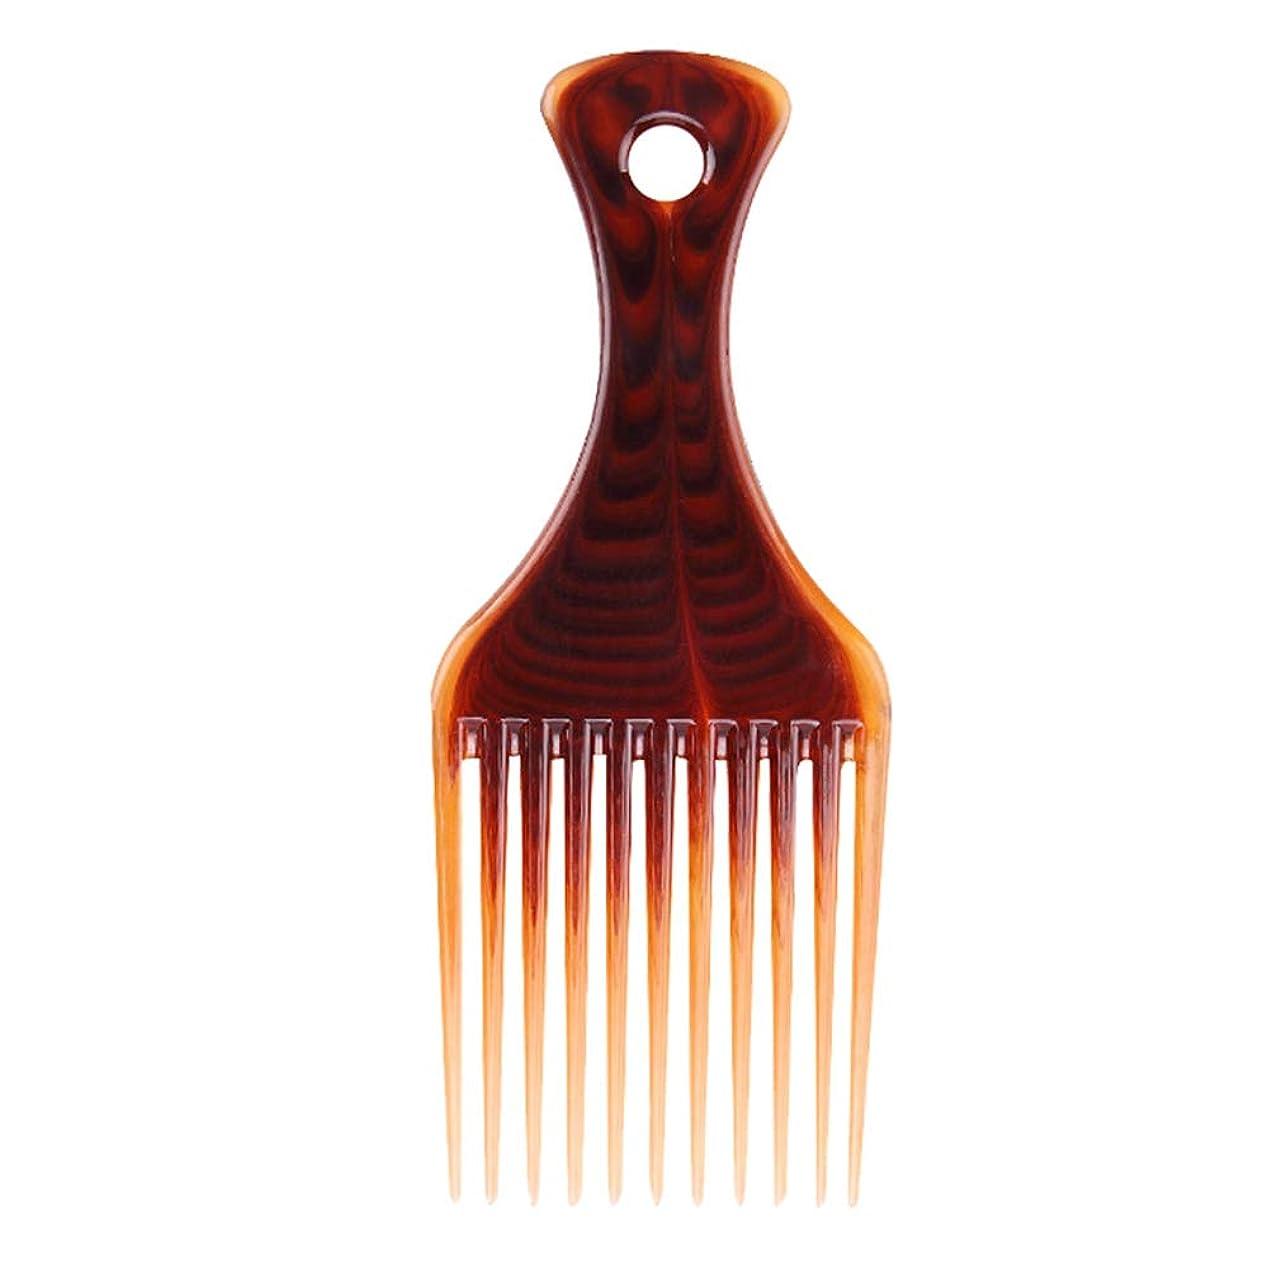 コテージ陪審無能HEALIFTY プラスチック広い歯の櫛サロンブラシスタイリング理髪髪フォークピッキング櫛